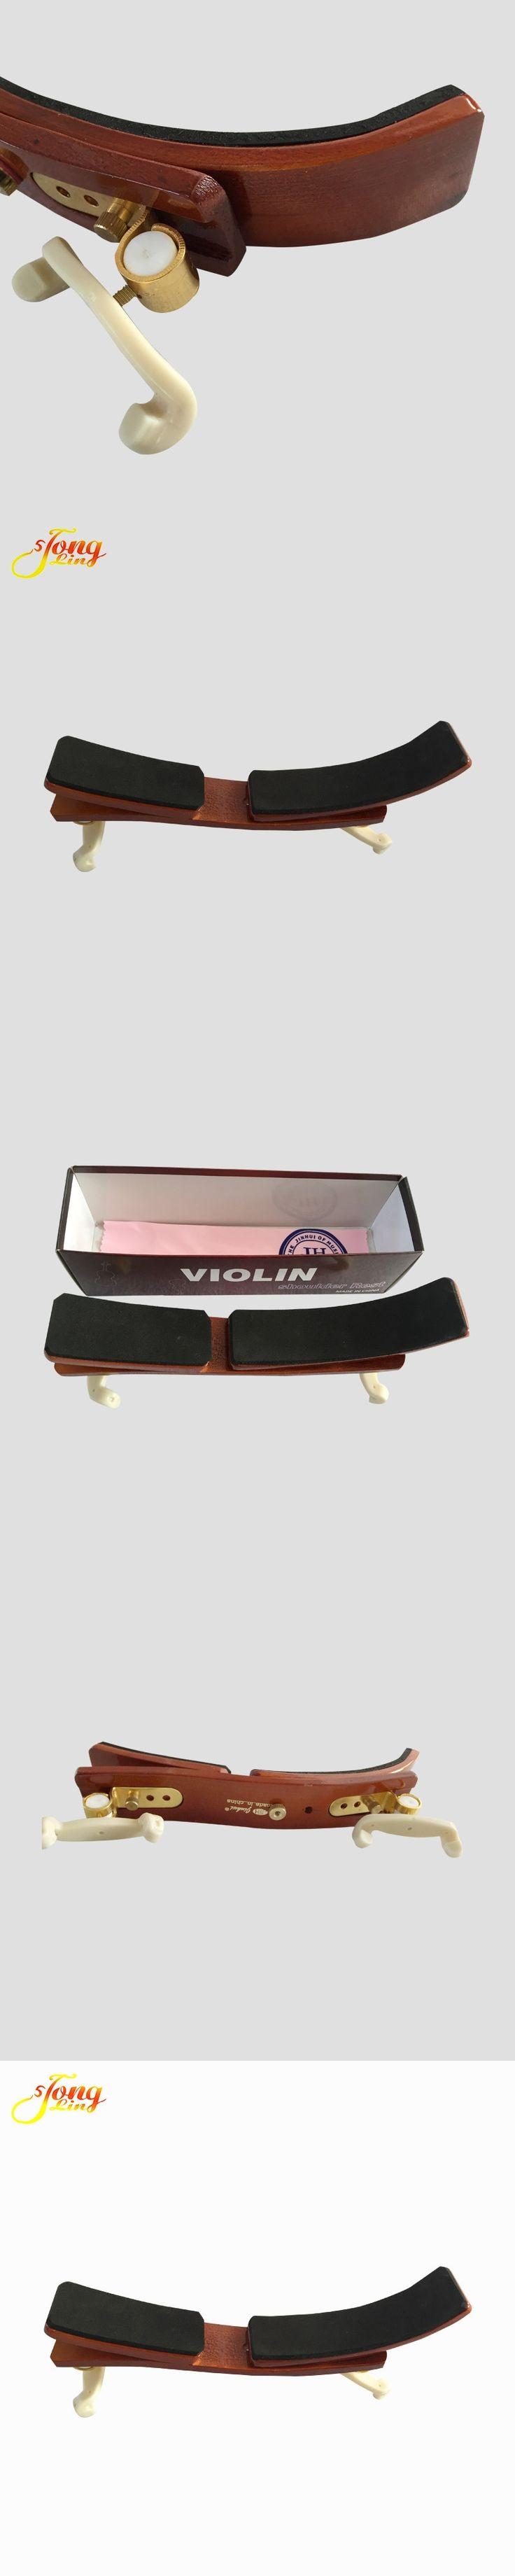 Violin Shoulder Rest 4/4 3/4  High Grade Hardwood Brass Violino Shoulder Pad Professional Violin Parts Accessories